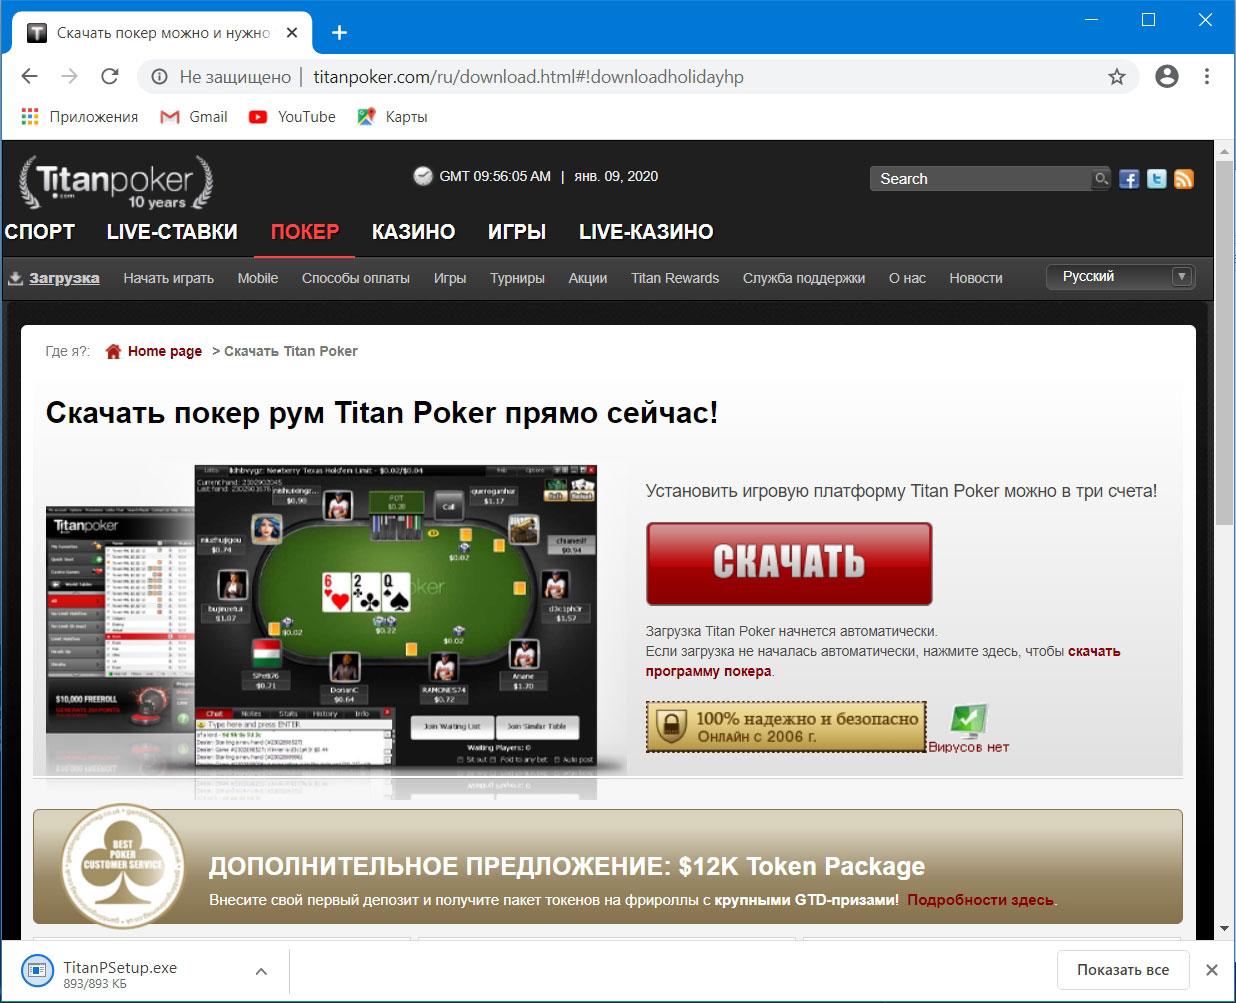 Автоматическое скачивание клиента Titan poker на компьютер.